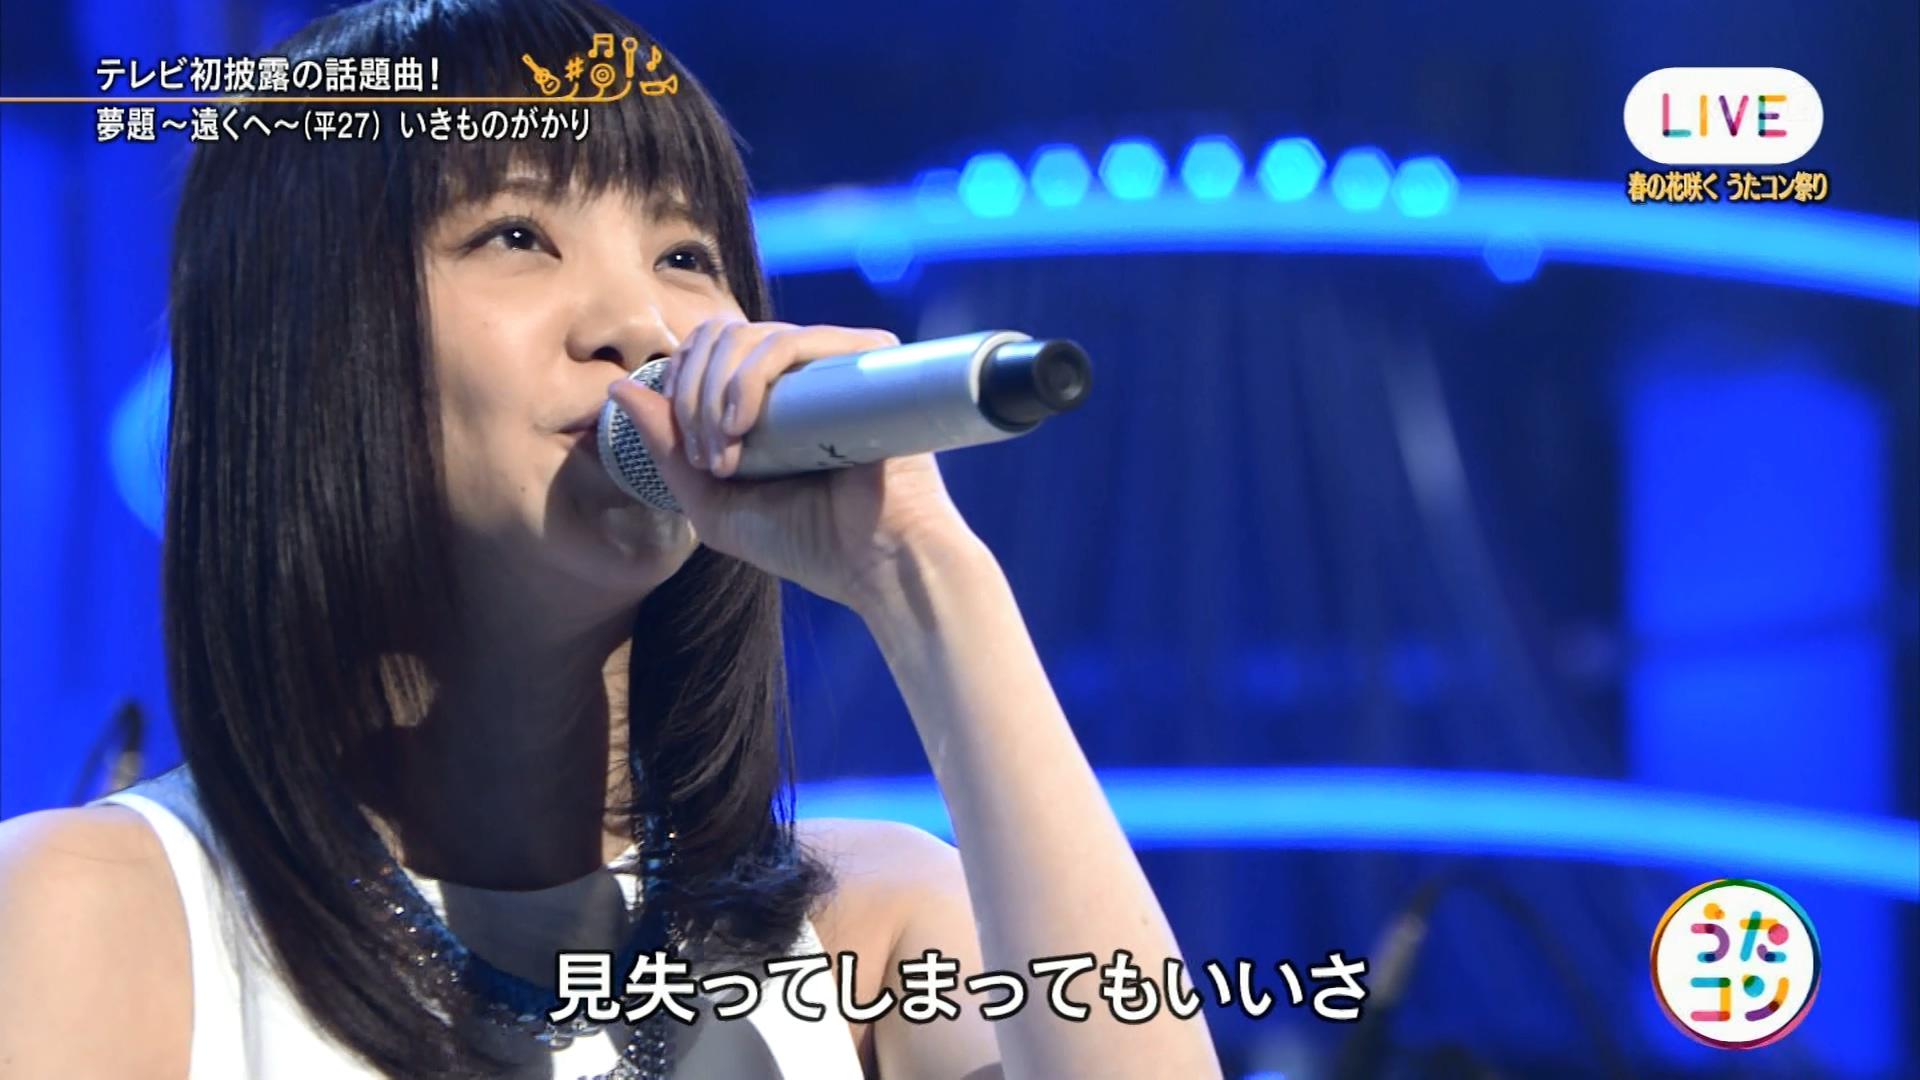 2016.04.12 全場(うたコン).ts_20160412_211317.502